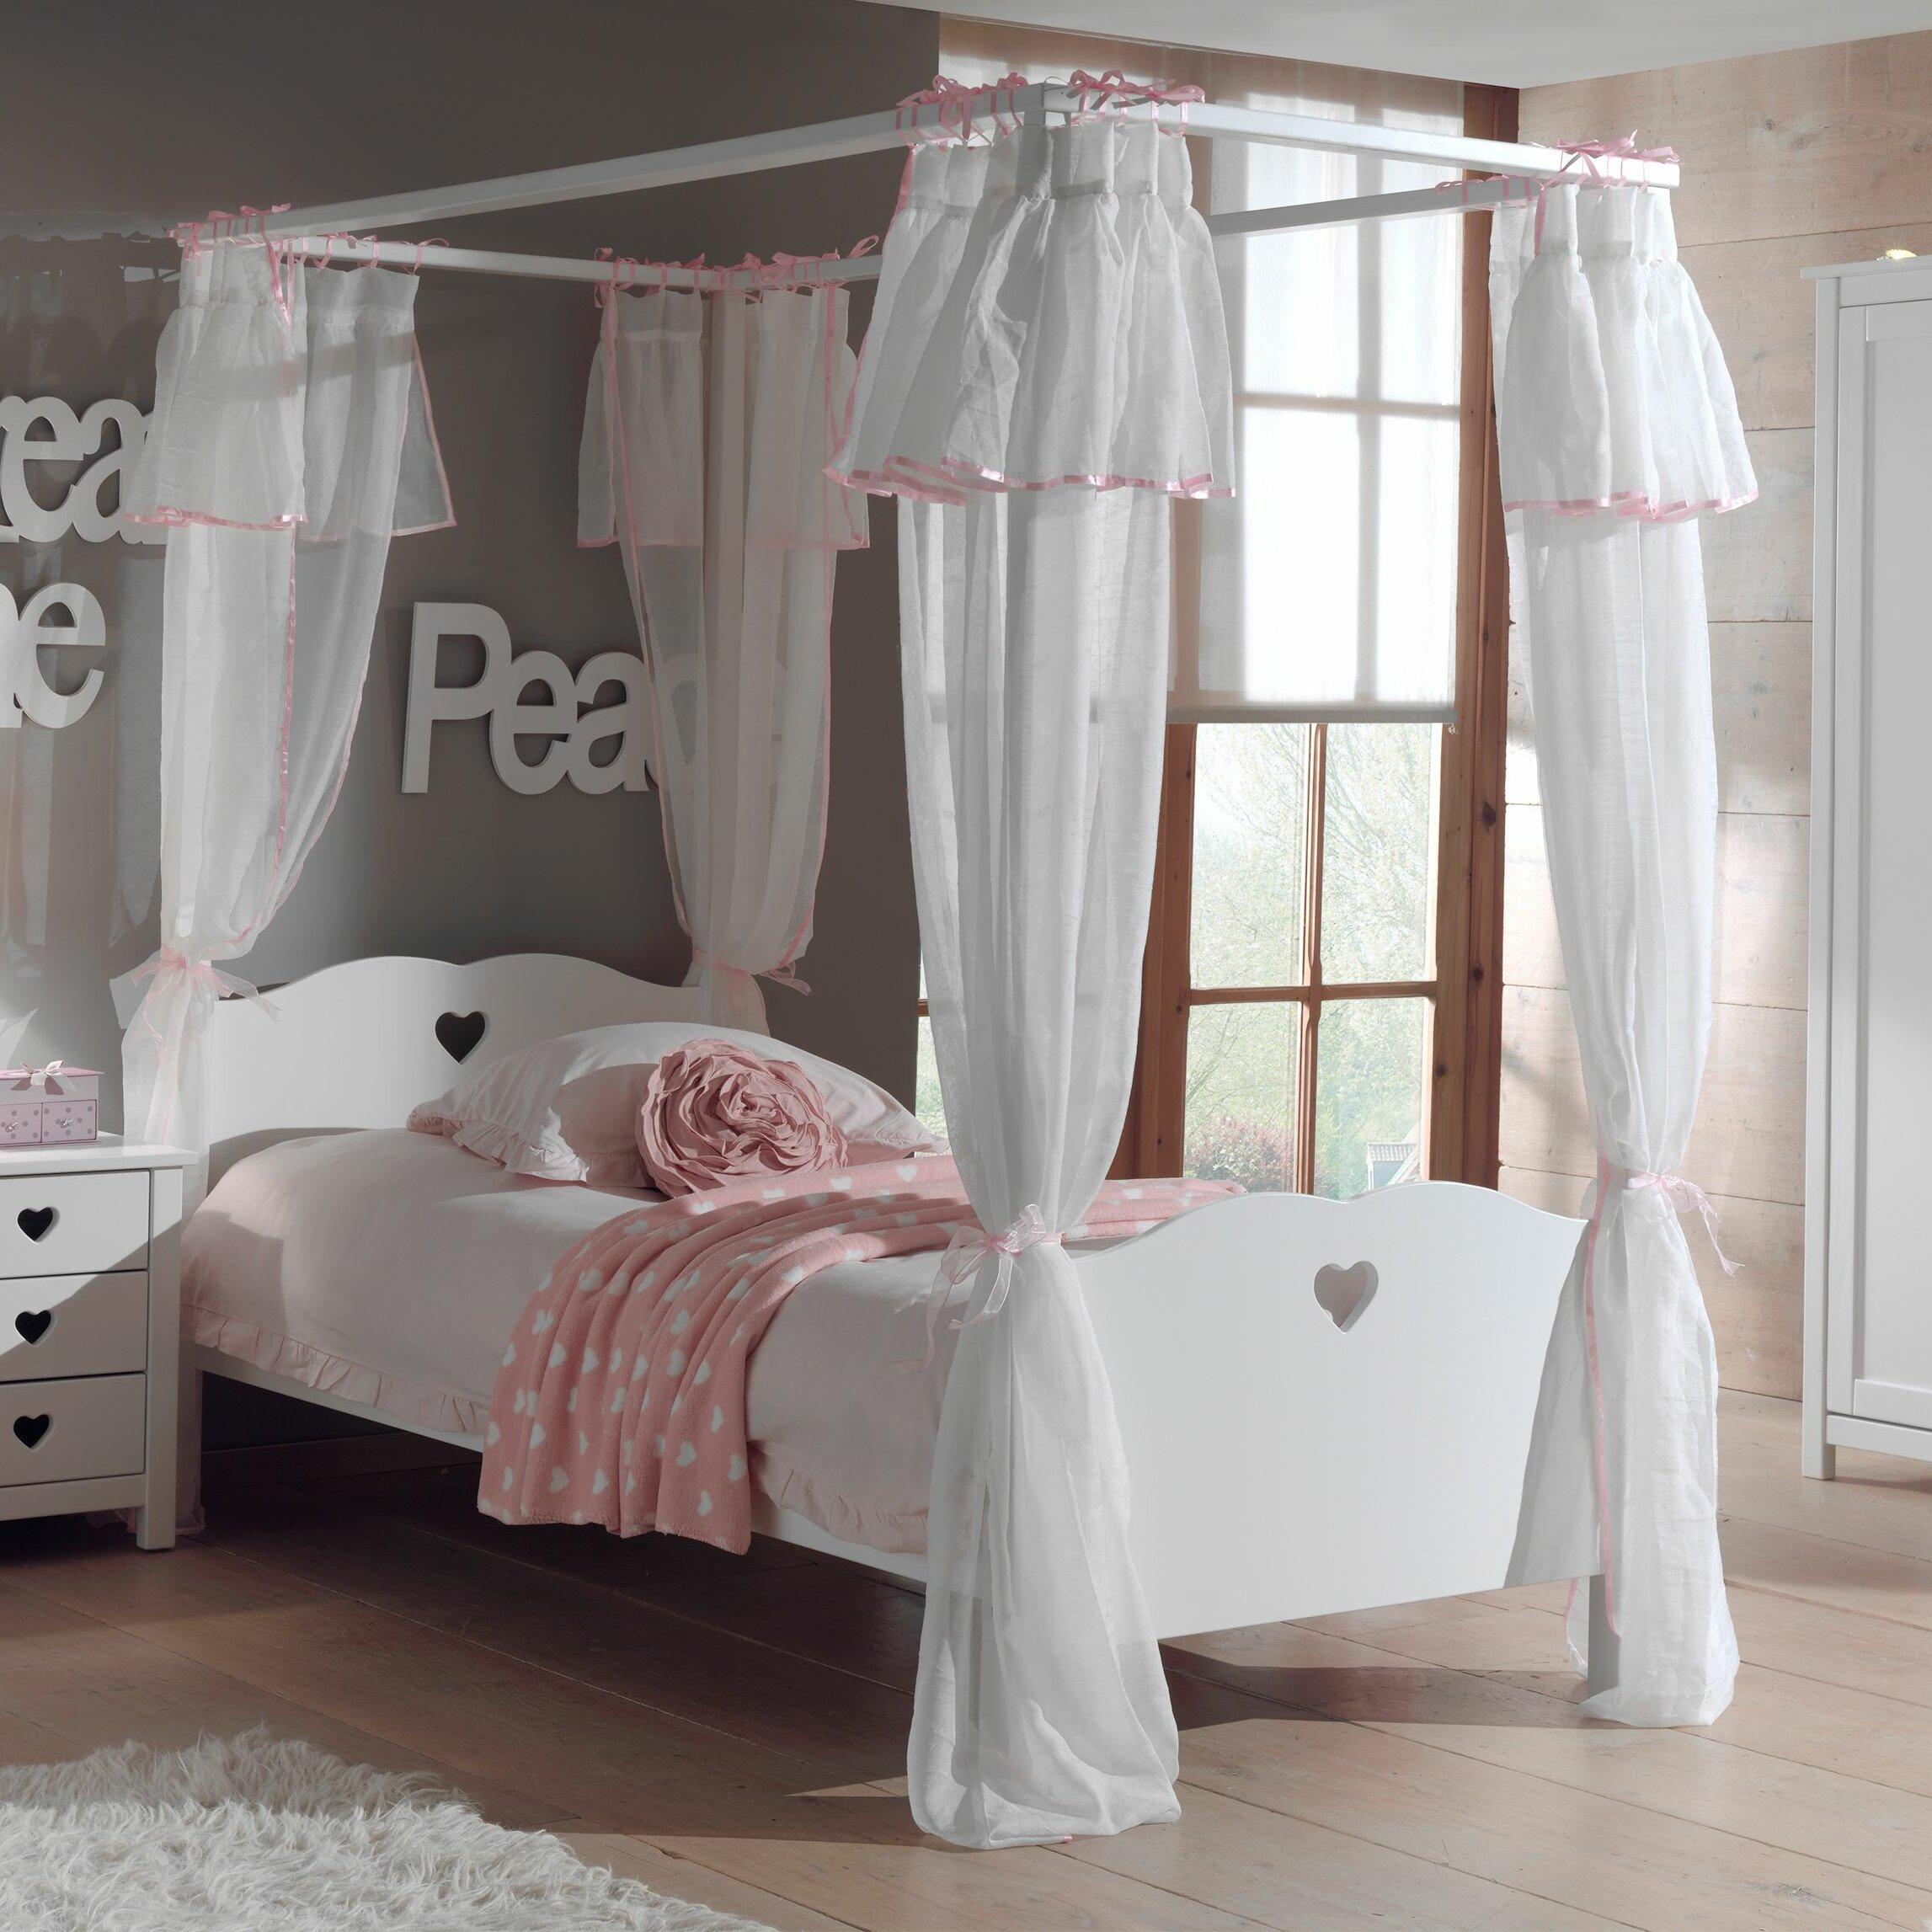 Vipack Himmelbett Amori mit Textil-Vorhang, 90 x 200 cm | Wayfair.de